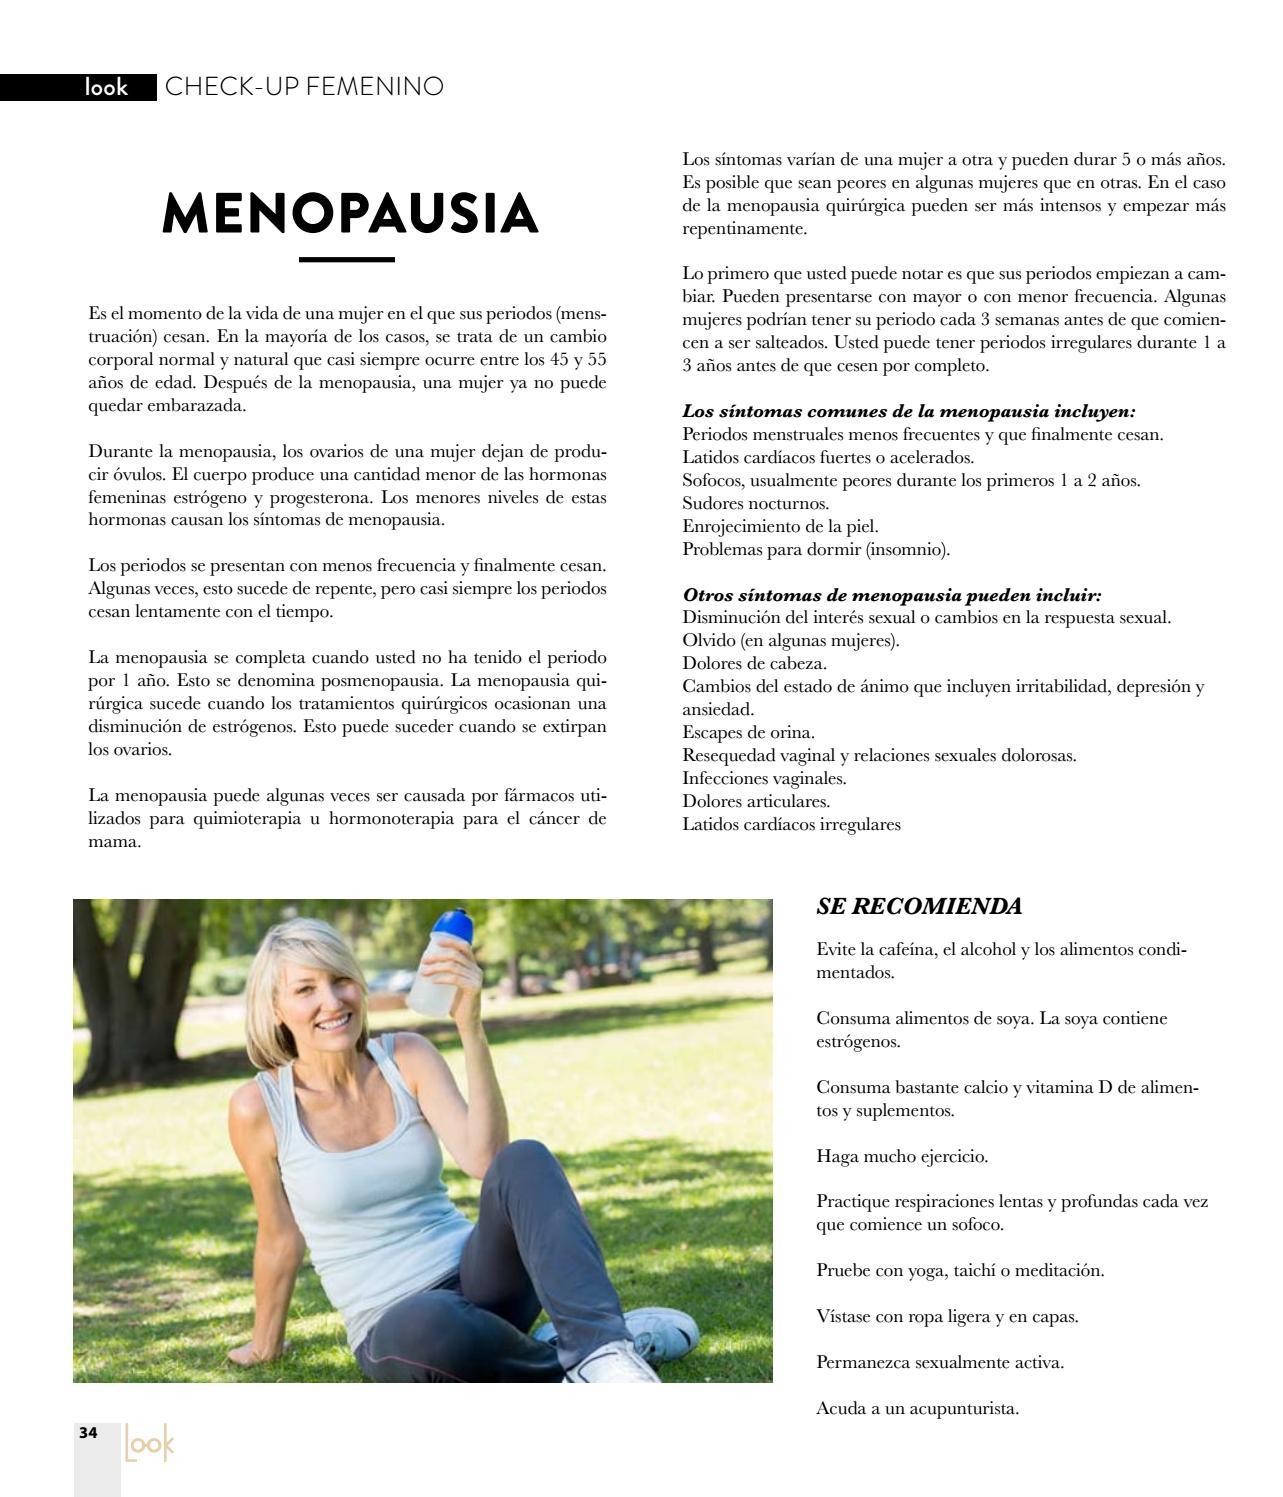 Mujer se puede quedar embarazada en la menopausia